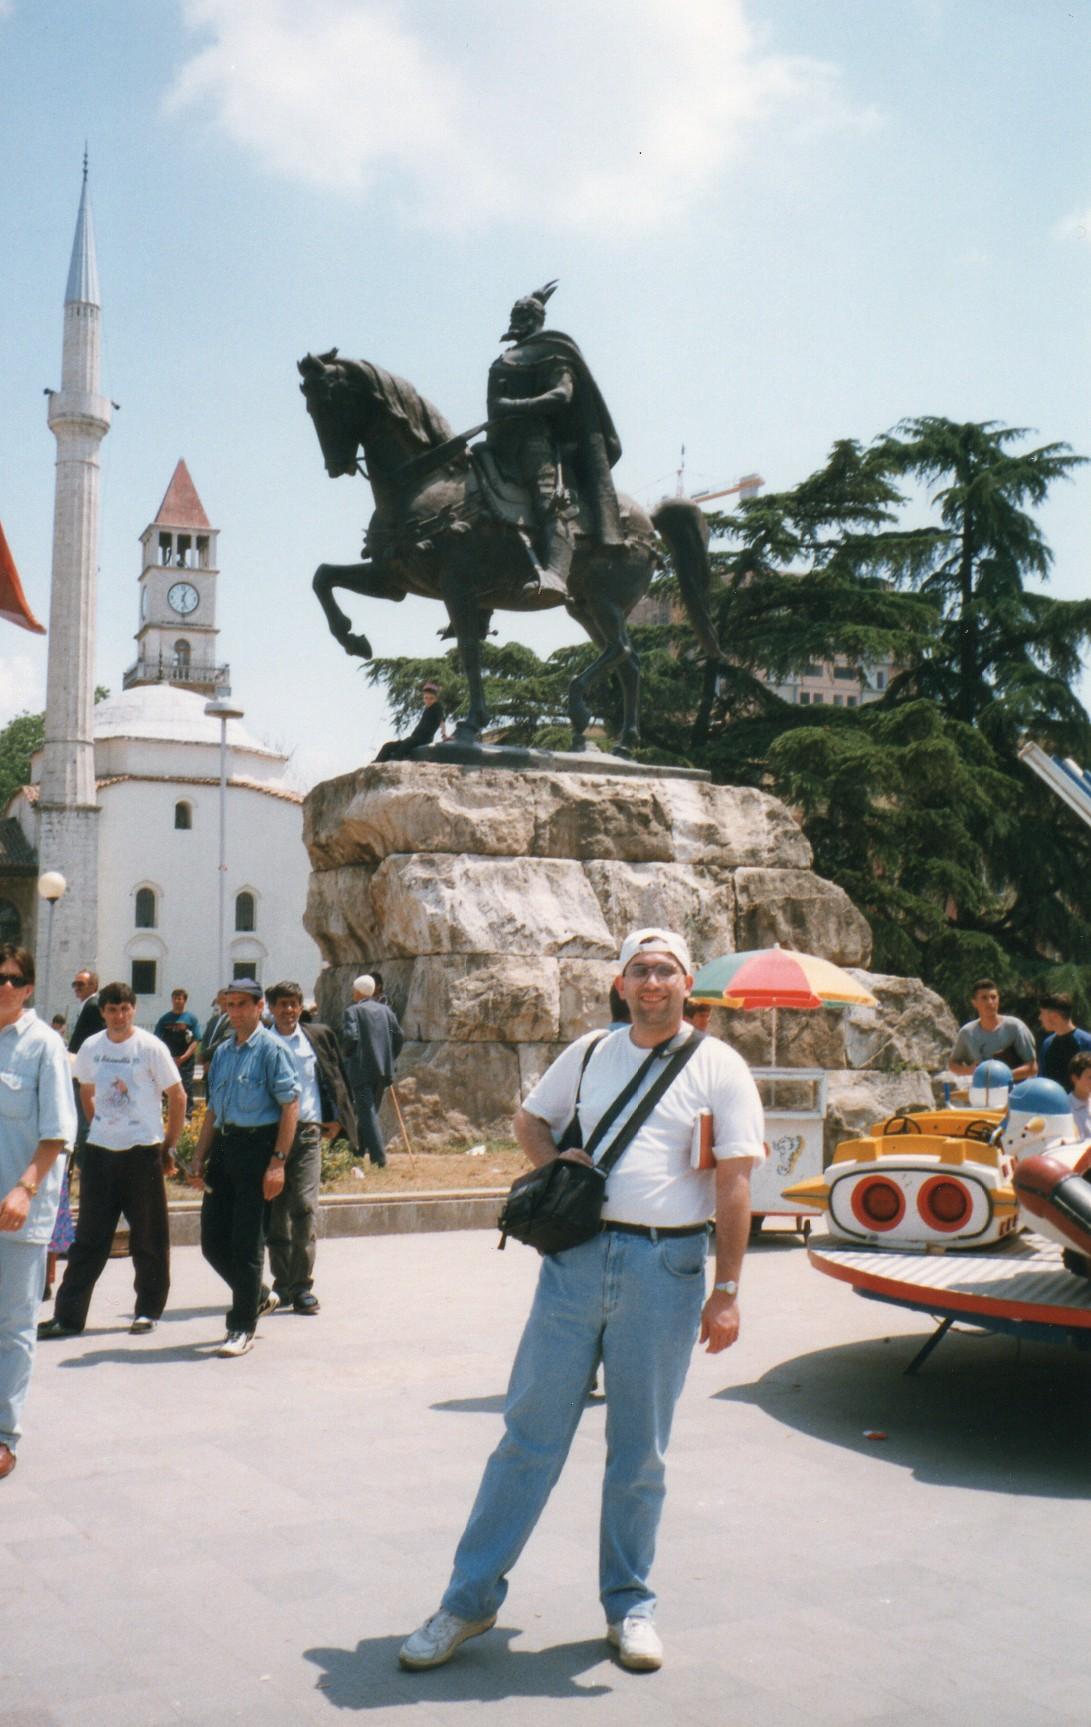 05. Statuia lui Skanderbeg in Tirana